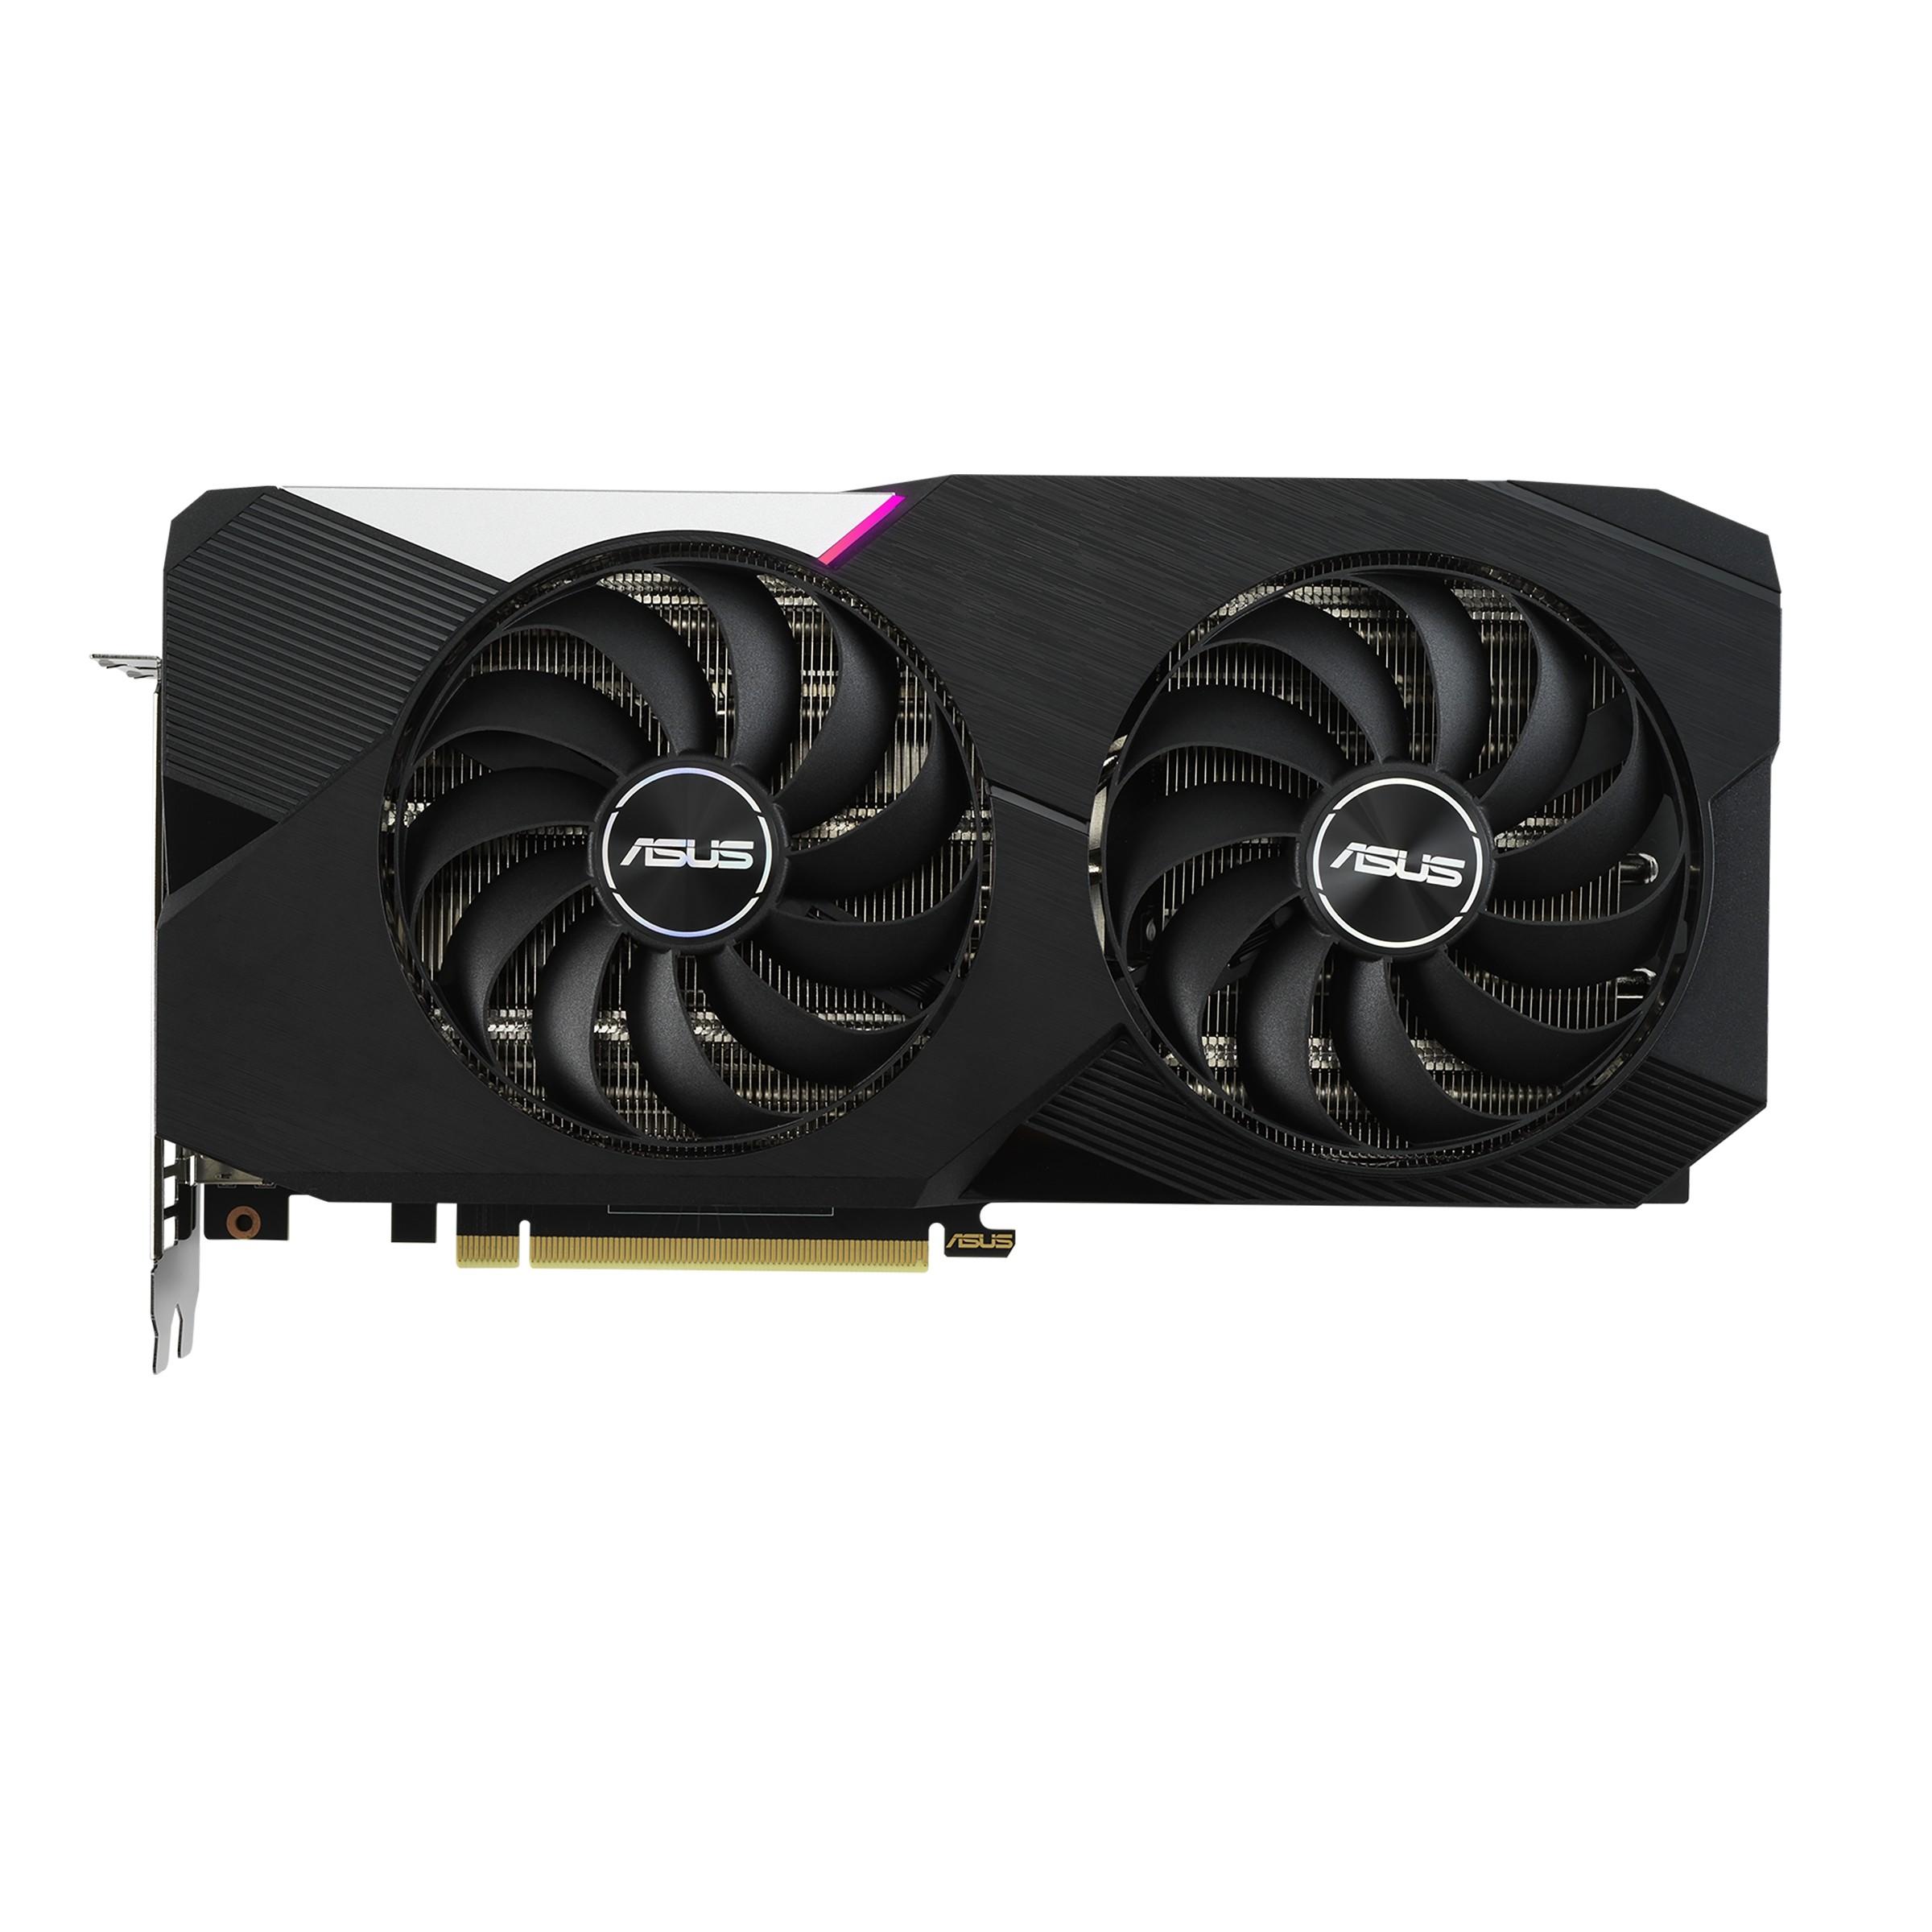 ASUS Dual -RTX3060TI-8G NVIDIA GeForce RTX 3060 Ti 8 GB GDDR6